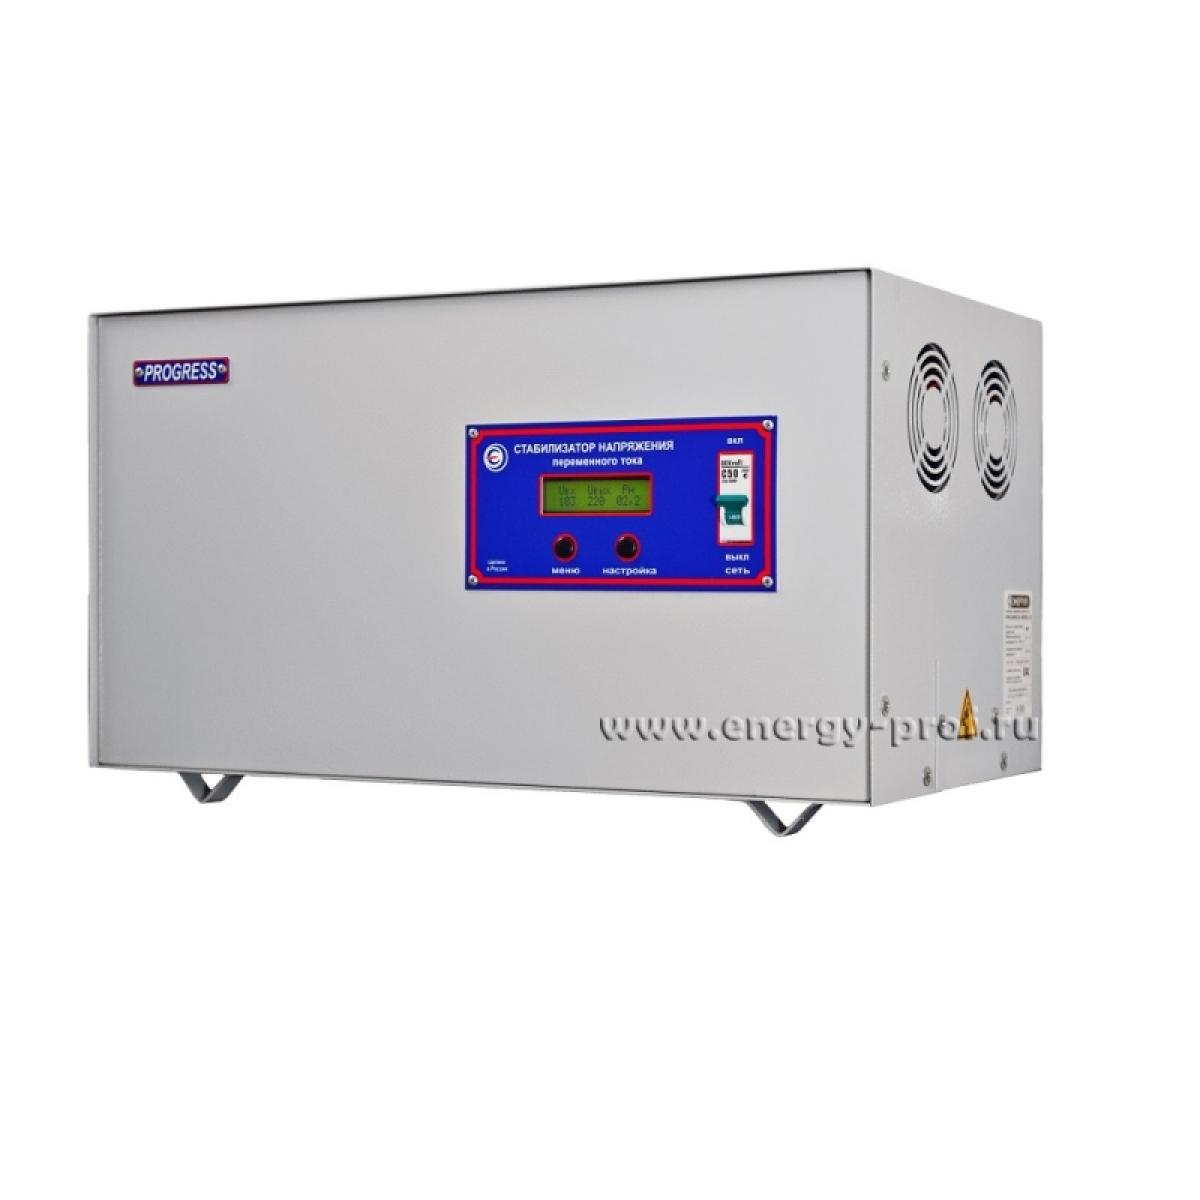 Однофазный стабилизатор PROGRESS 8000L